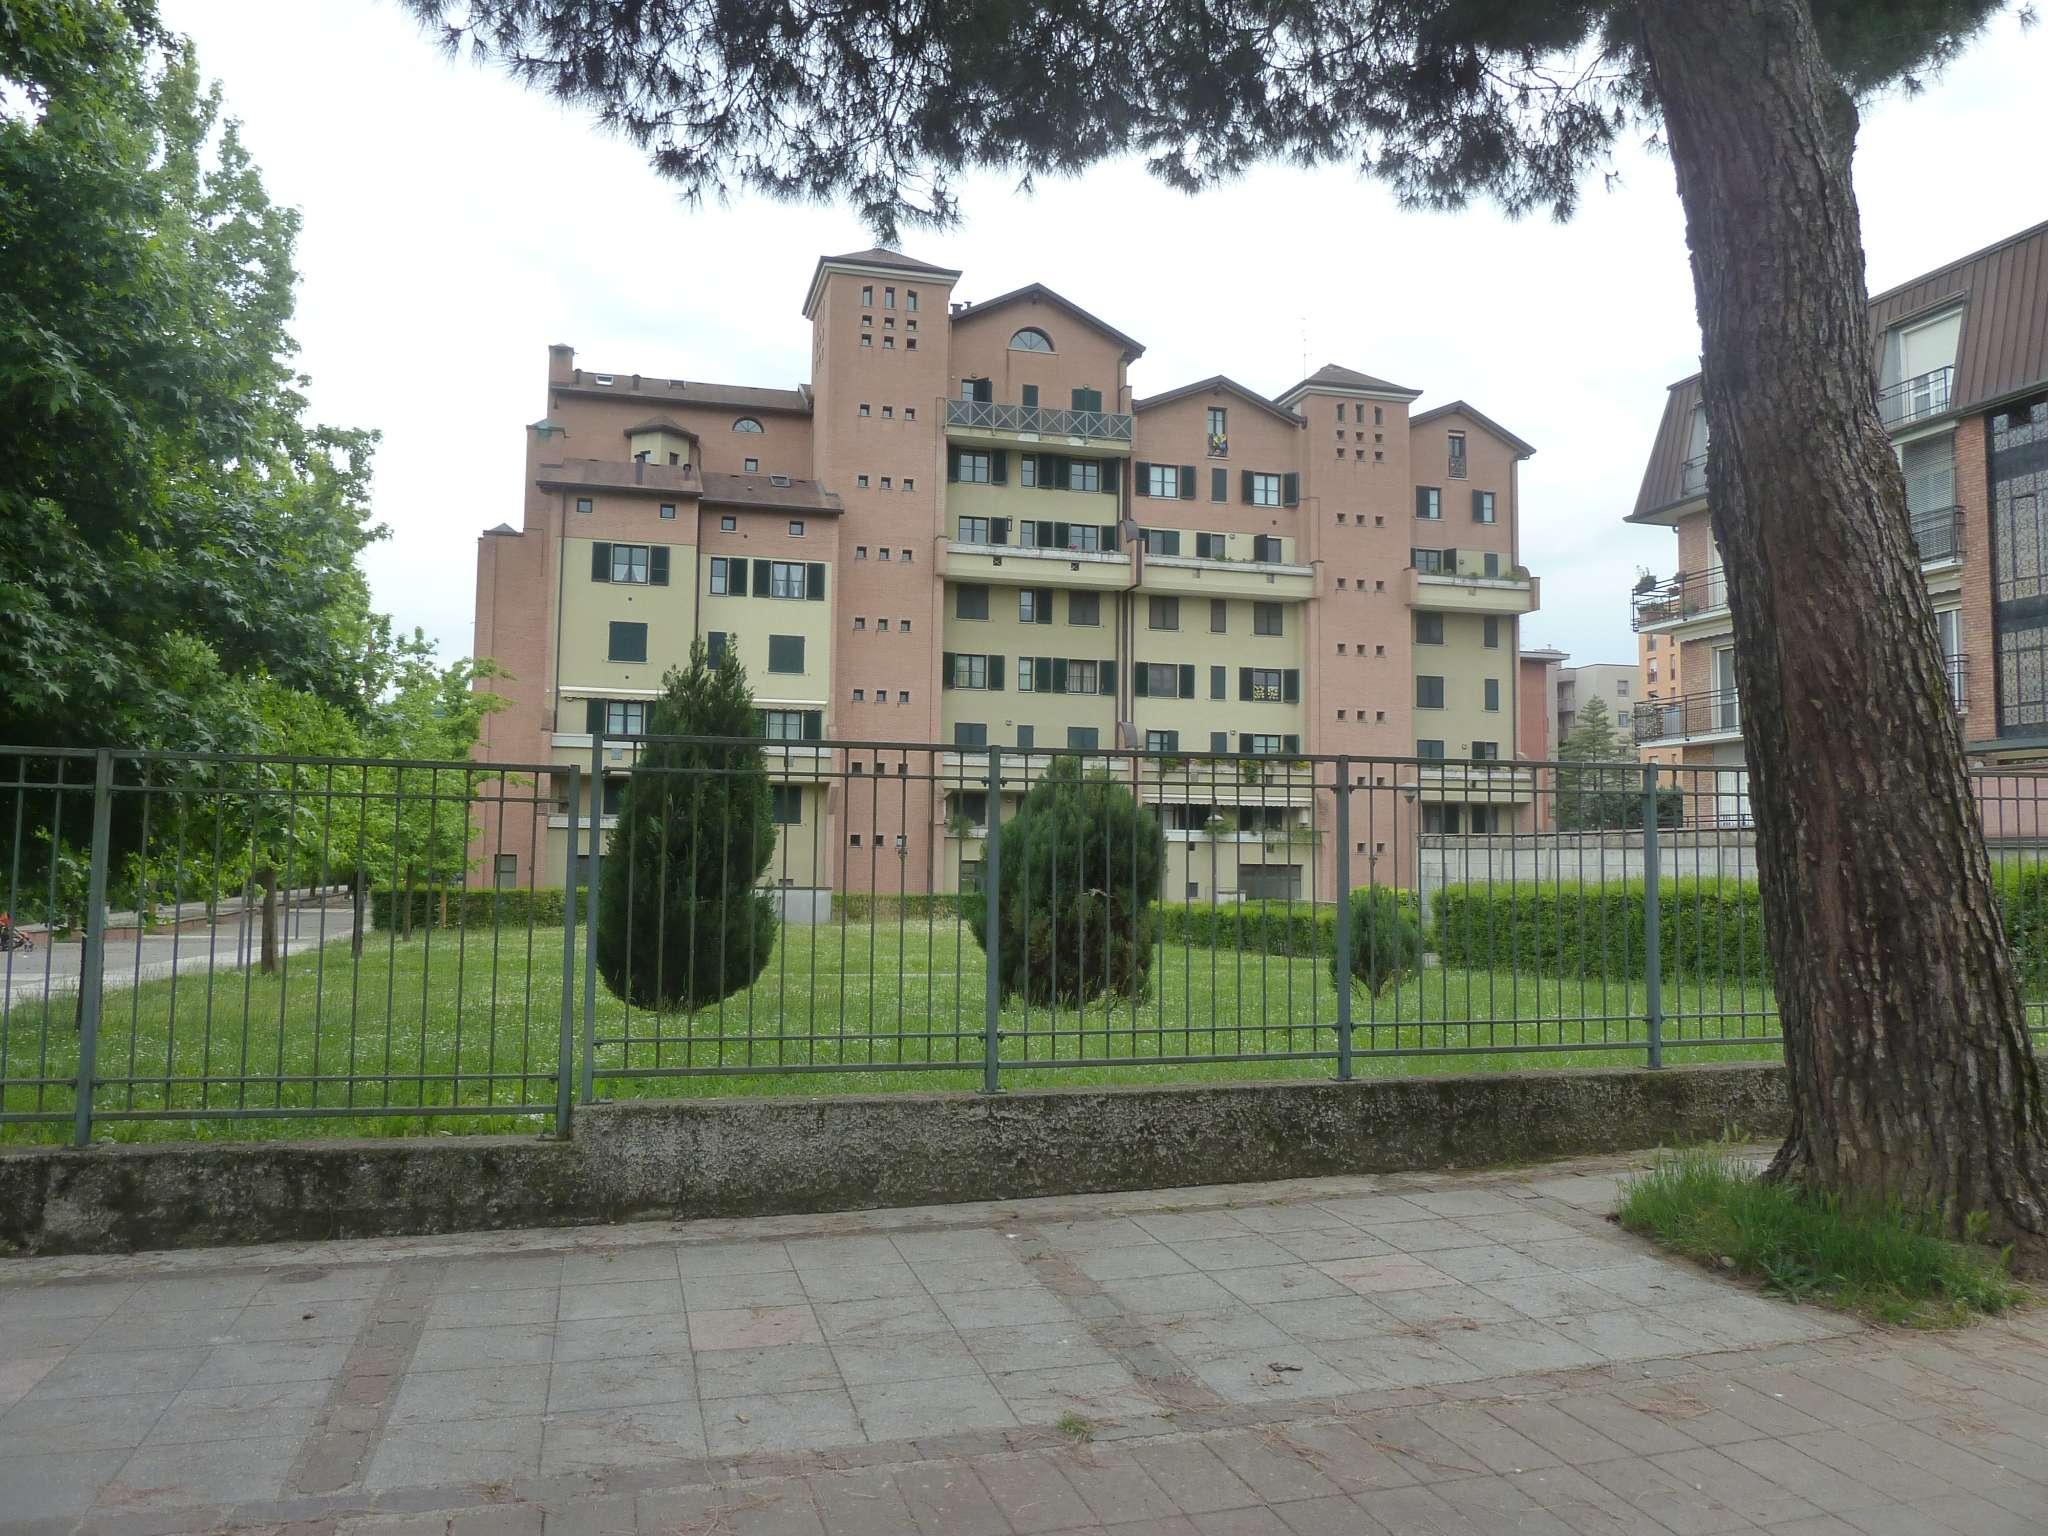 Appartamento in vendita a Saronno, 5 locali, prezzo € 300.000 | PortaleAgenzieImmobiliari.it